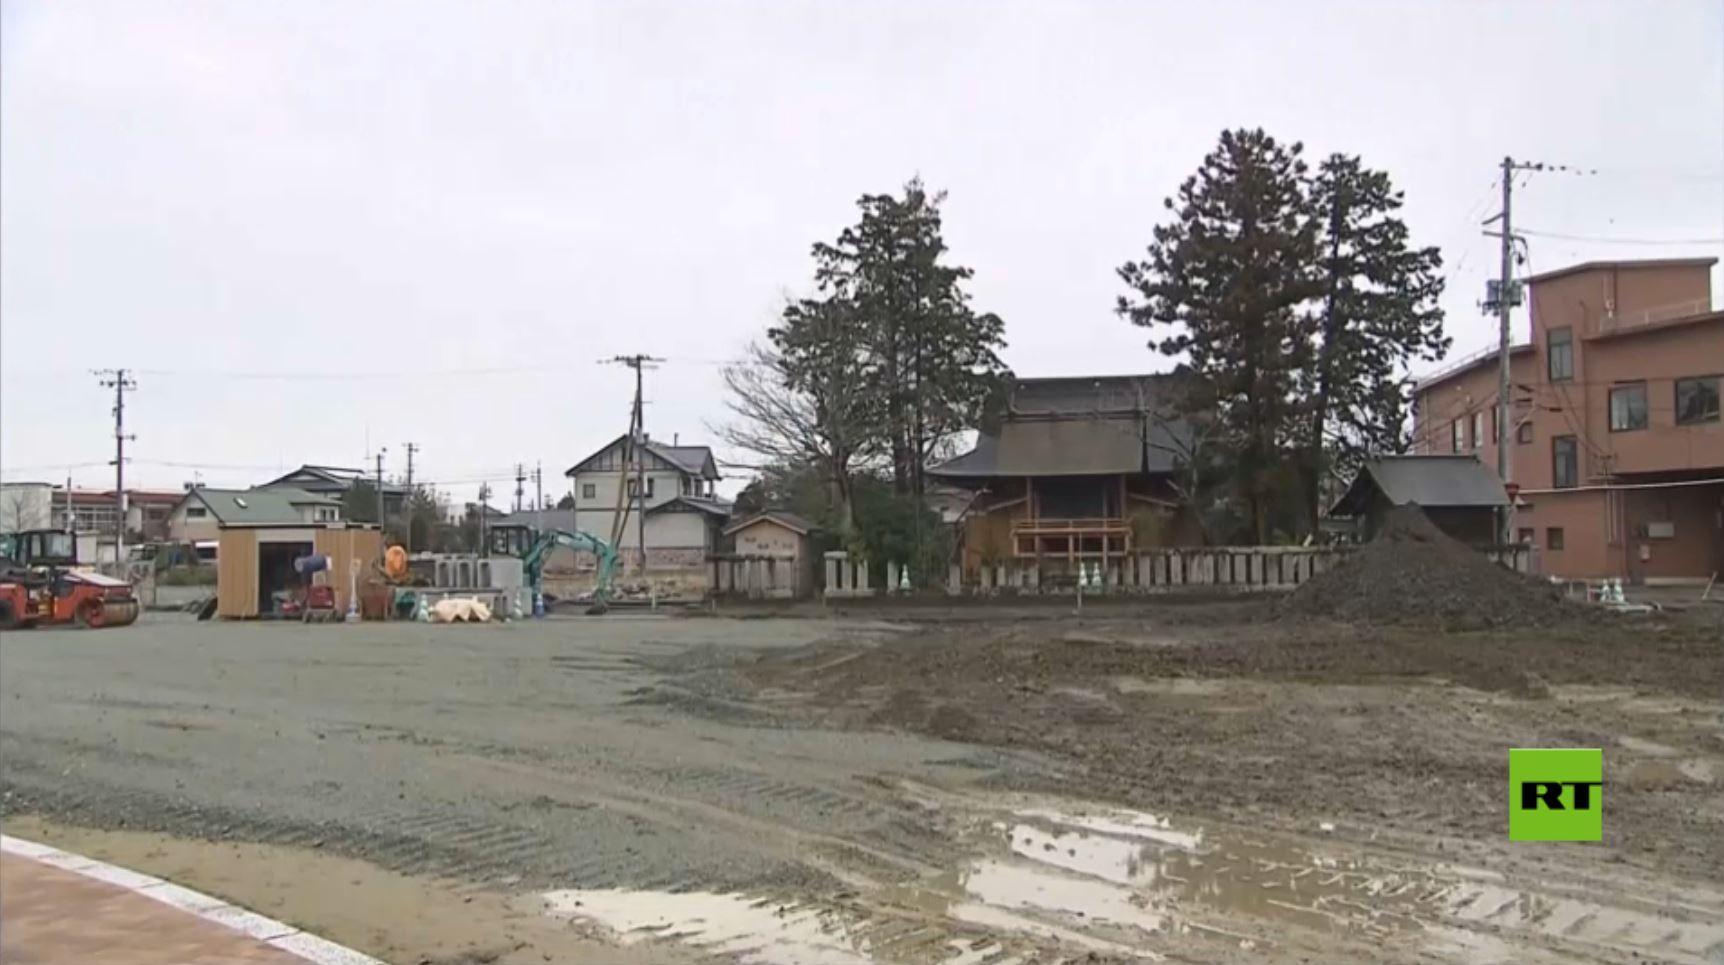 إعادة فتح آخر بلدة يابانية أغلقت بسبب كارثة فوكوشيما النووية